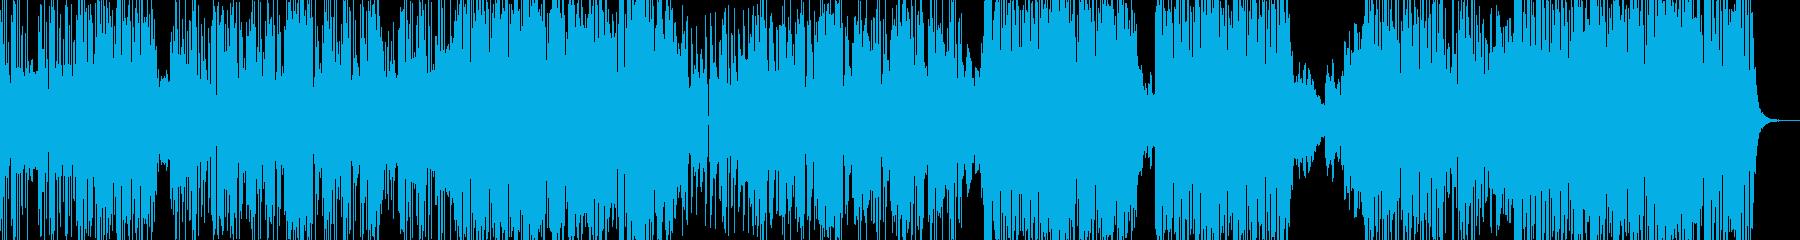 猛獣が放たれたイメージのヒップホップの再生済みの波形